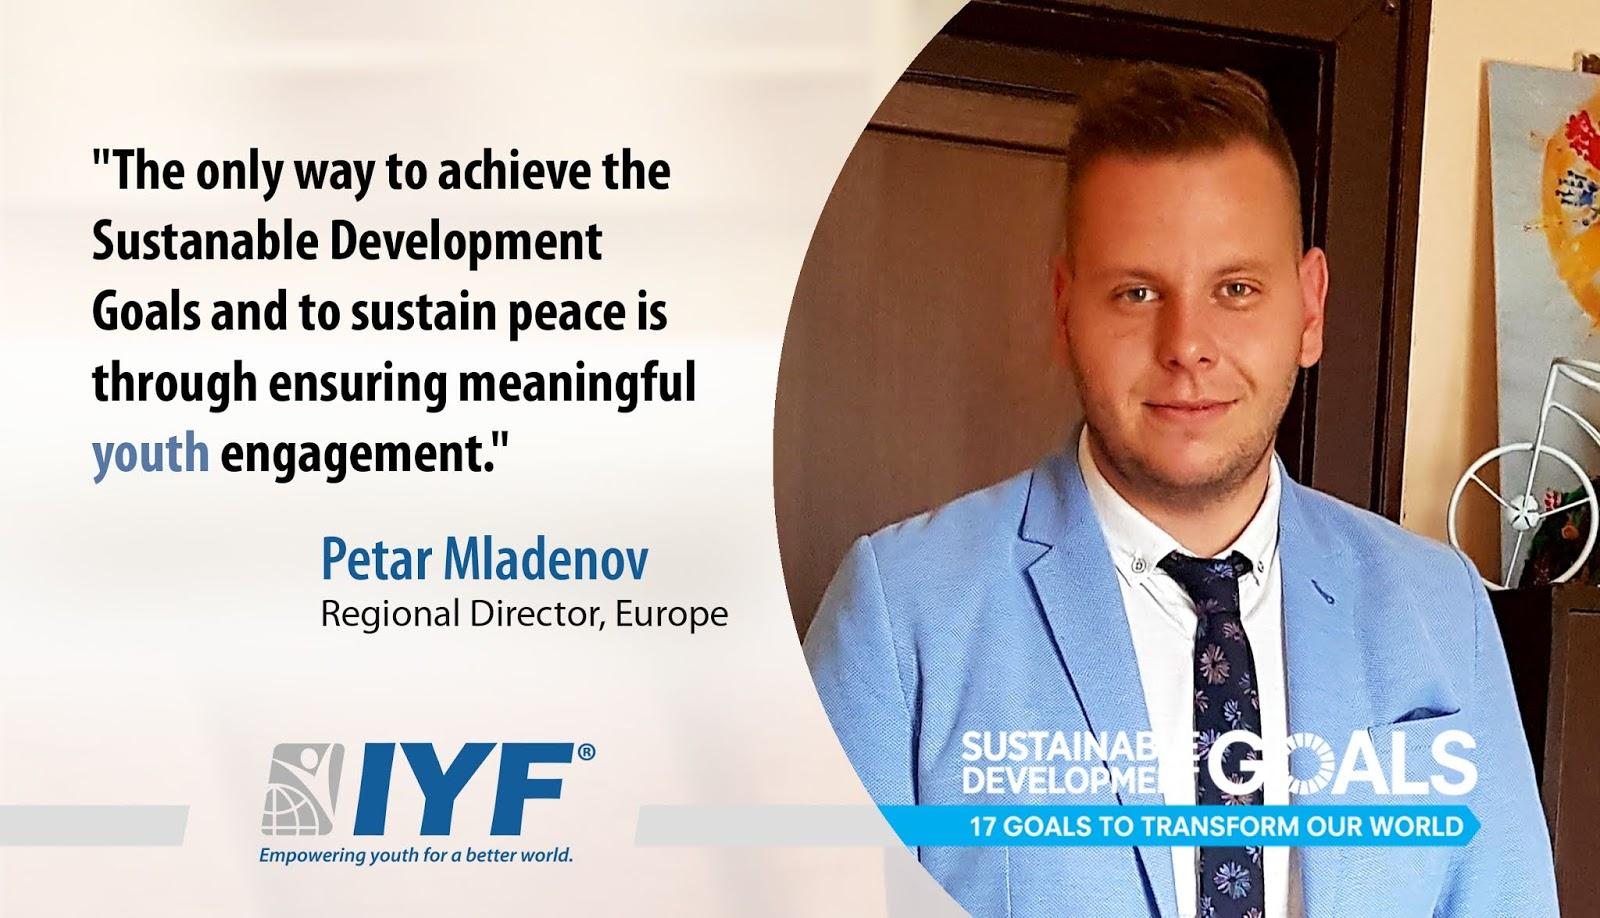 Petar Mladenov, IYF Regional Director for Europe